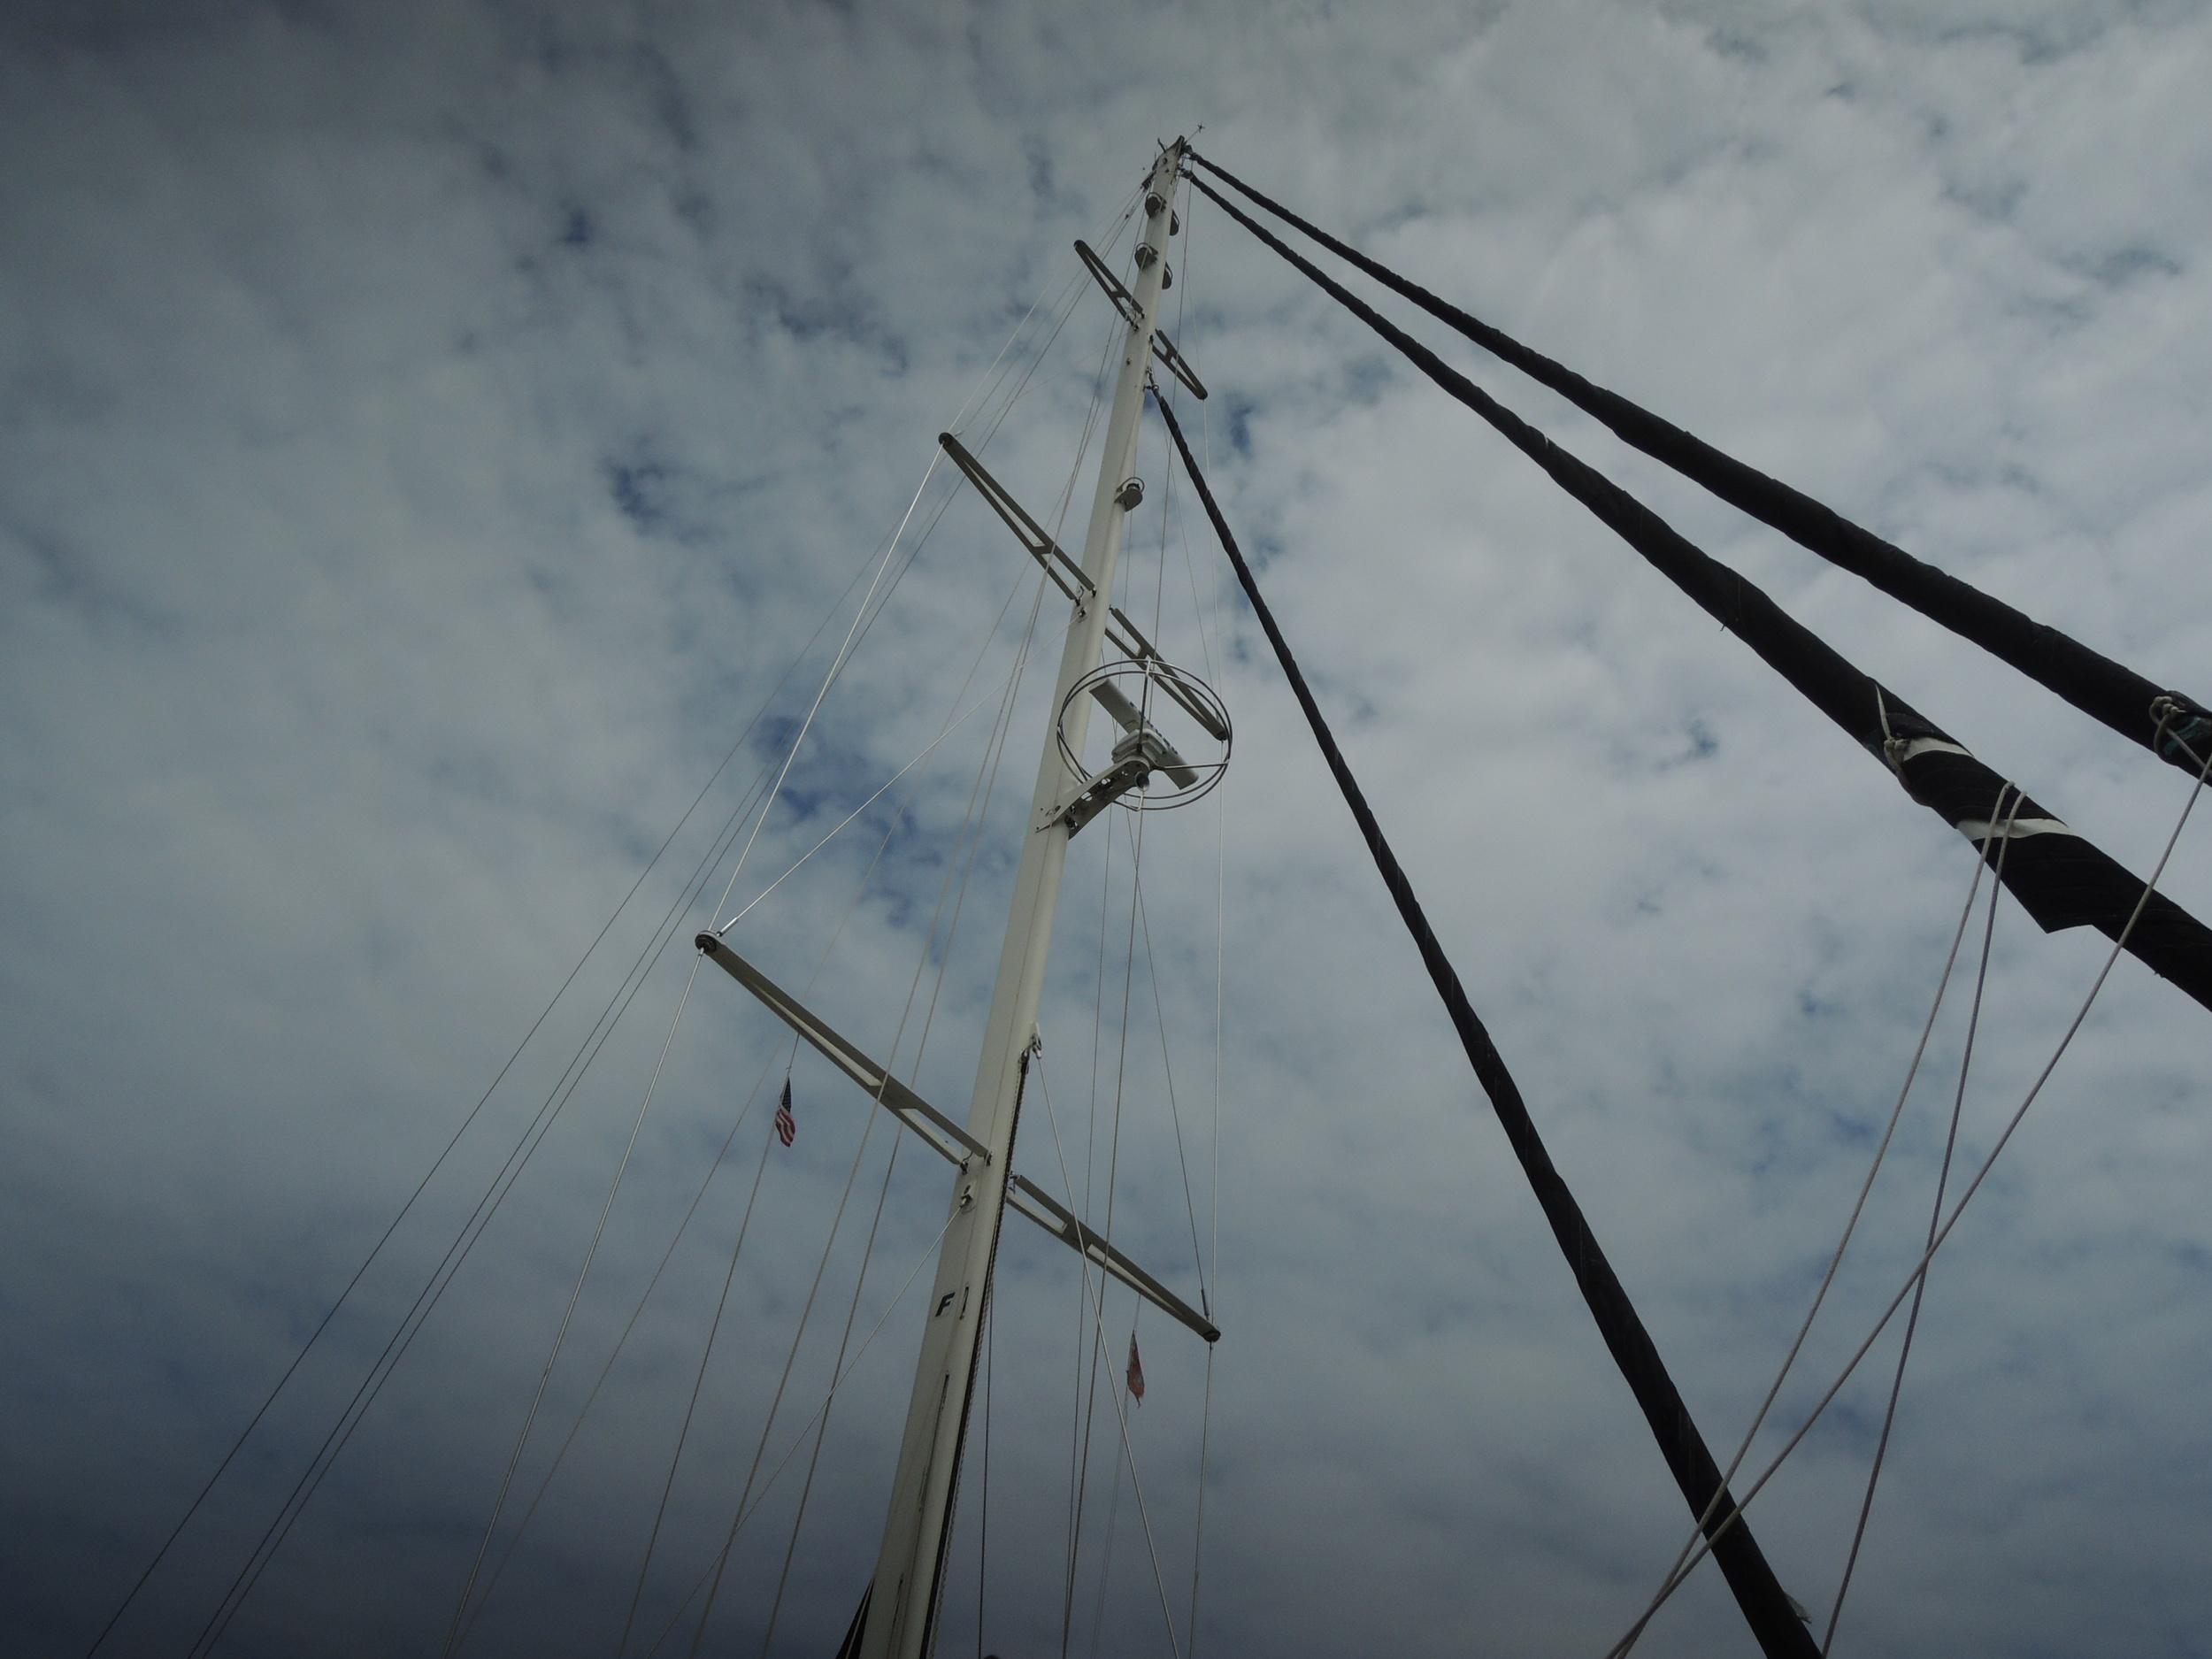 A boats mast